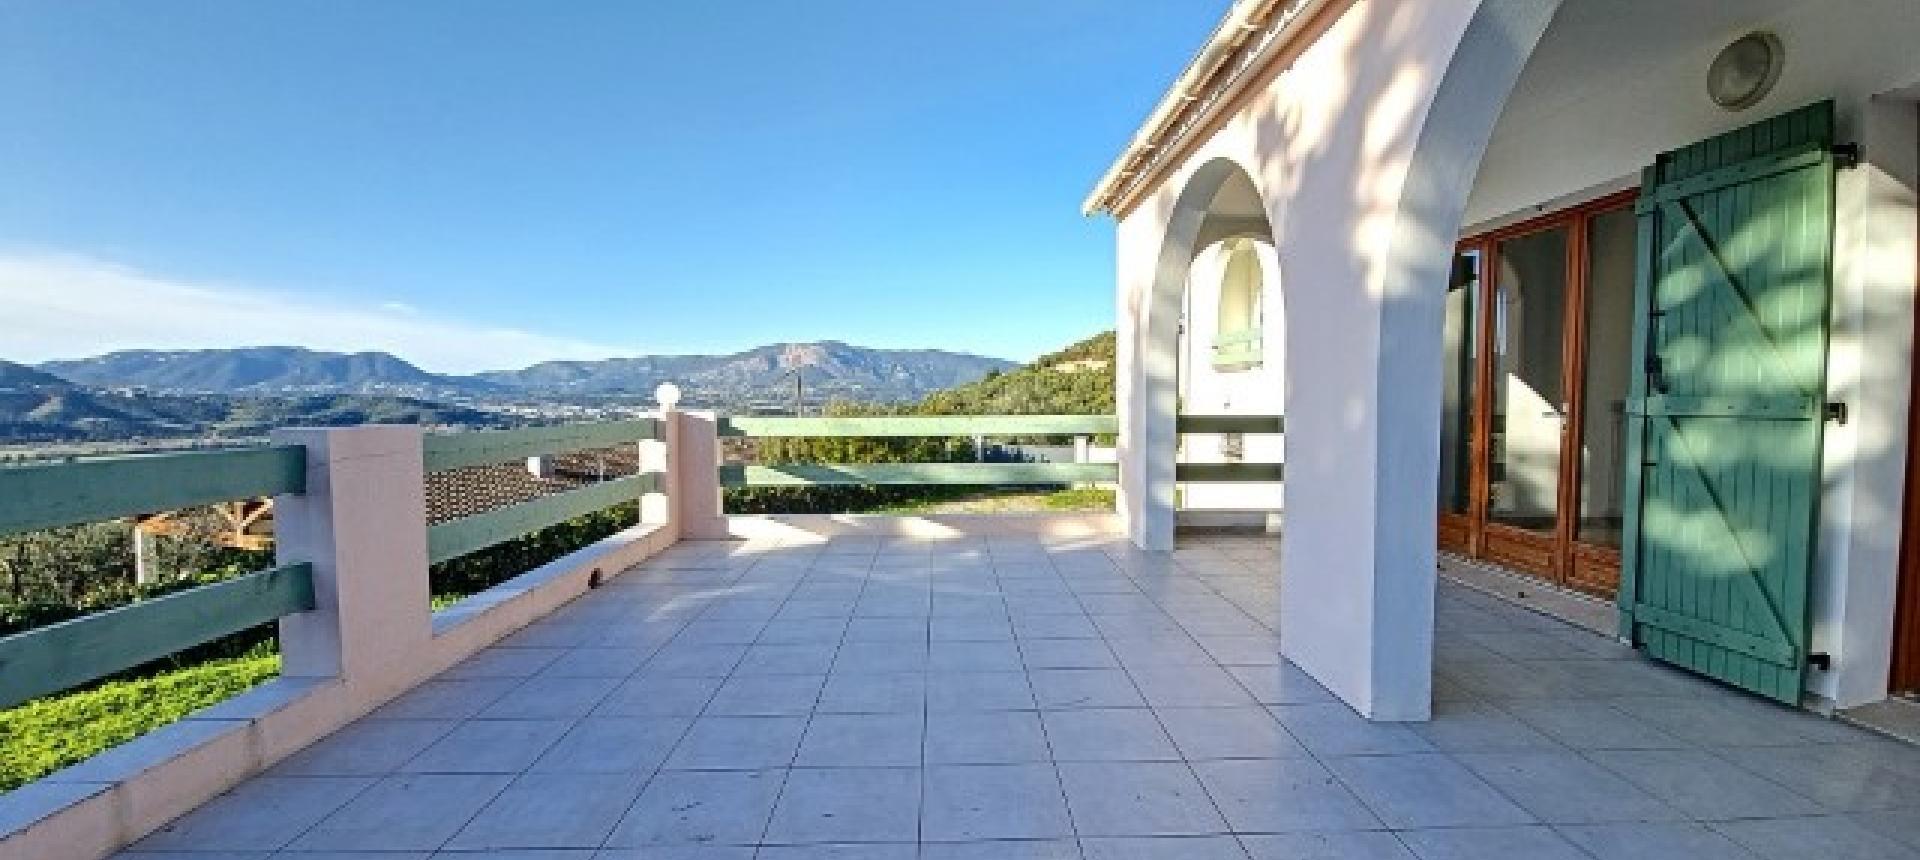 Villa à louer Bastelicaccia  terrasse avec vue